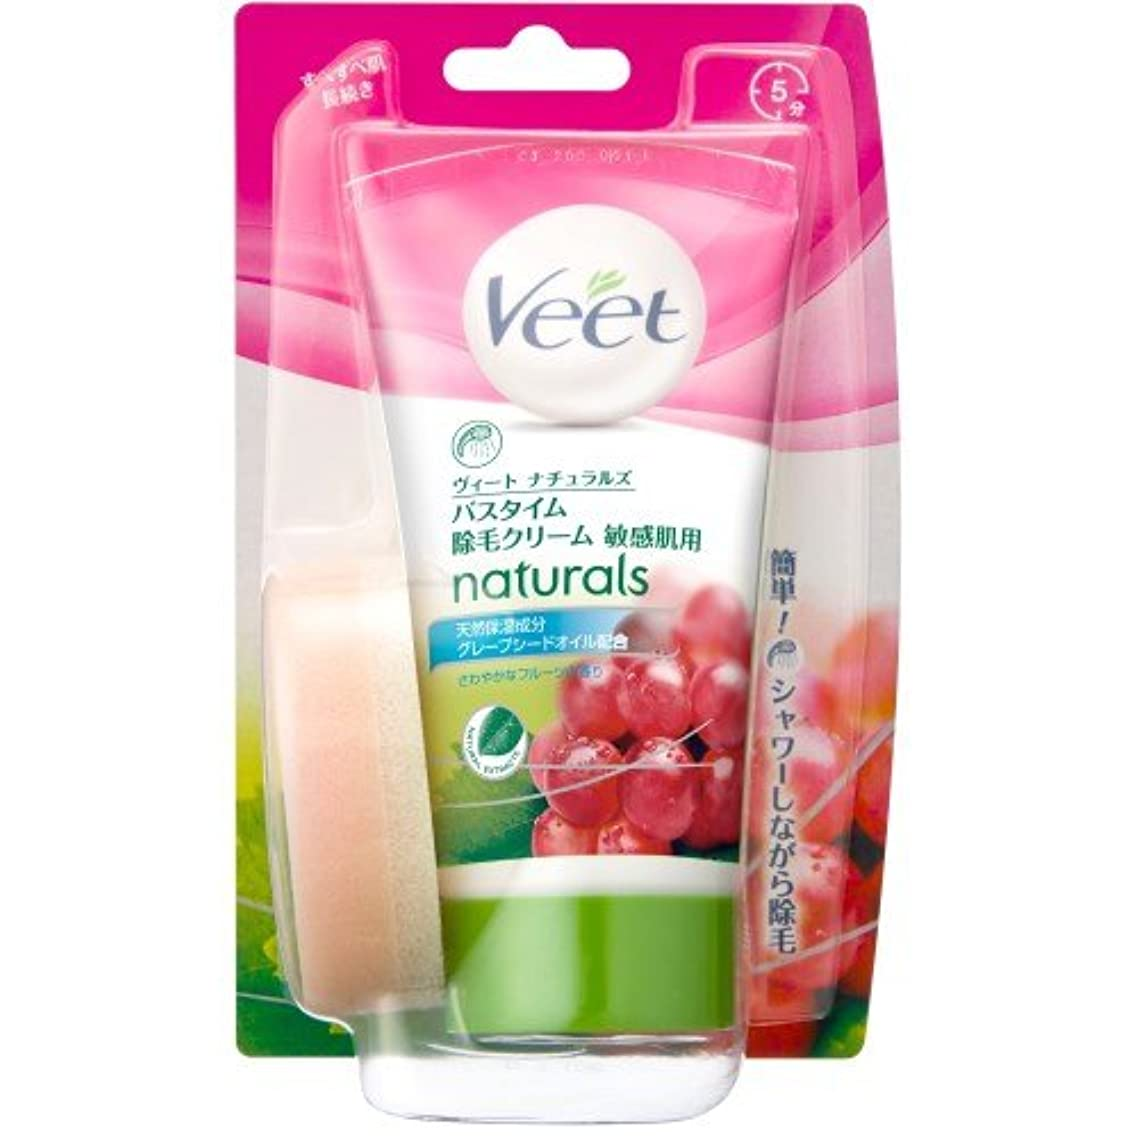 反対にラジカル白いヴィート バスタイムセン用 除毛クリーム 敏感肌用 150g (Veet Naturals In Shower Hair Removal Cream  Sensitive 150g)